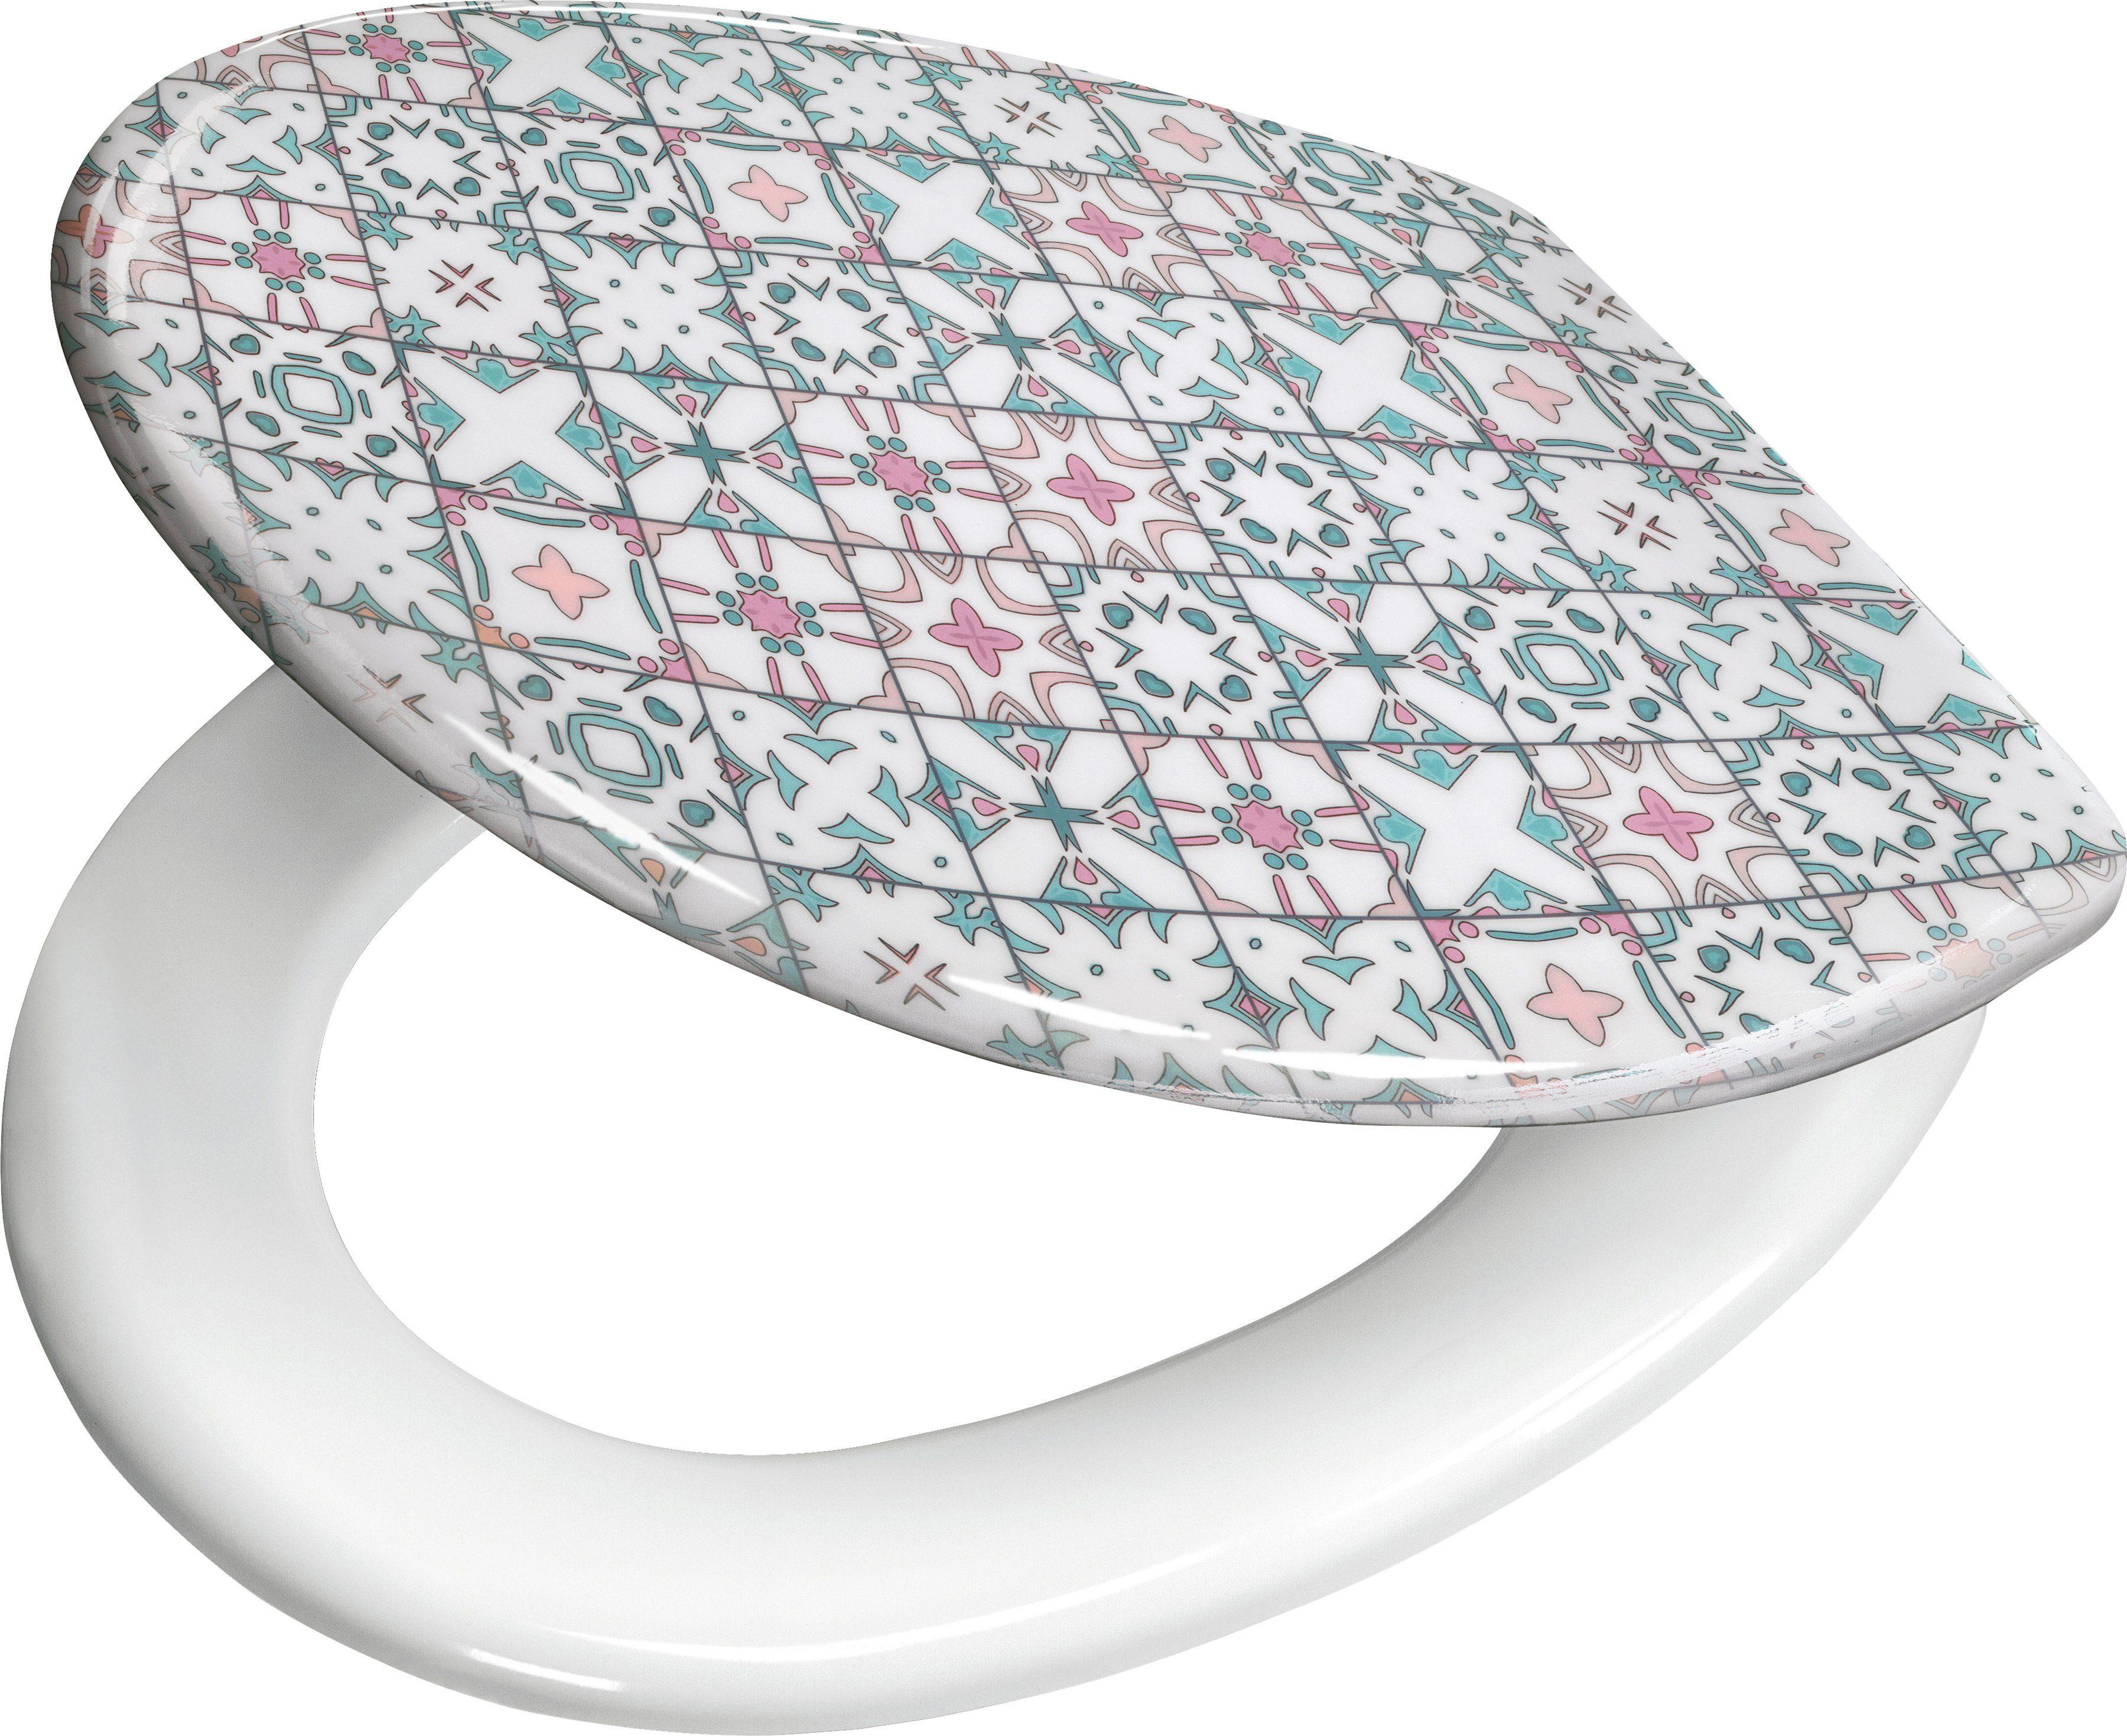 KLEINE WOLKE WC-Sitz »Multicolor«